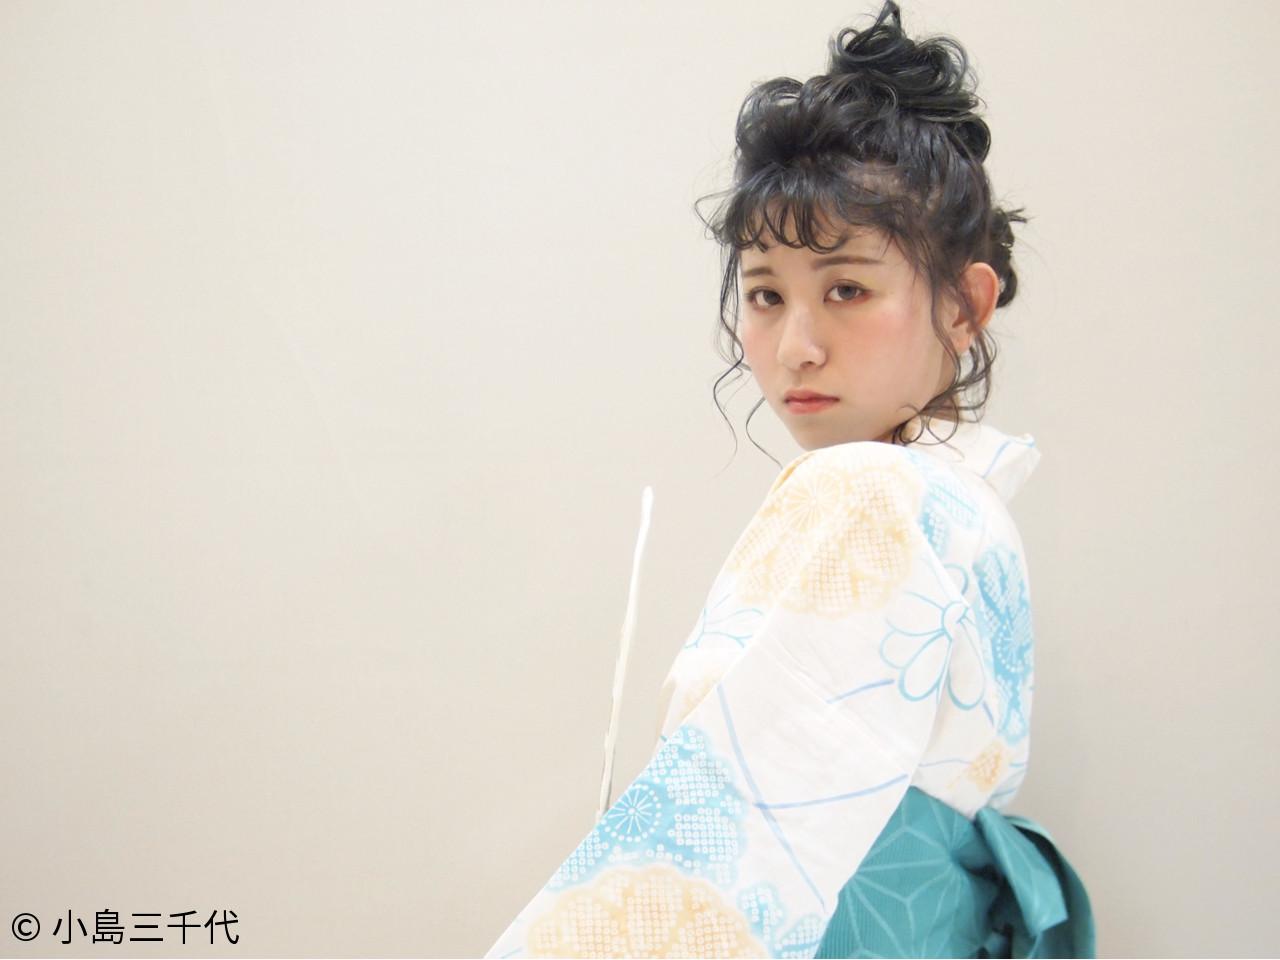 ミディアム 夏 デート ヘアアレンジ ヘアスタイルや髪型の写真・画像